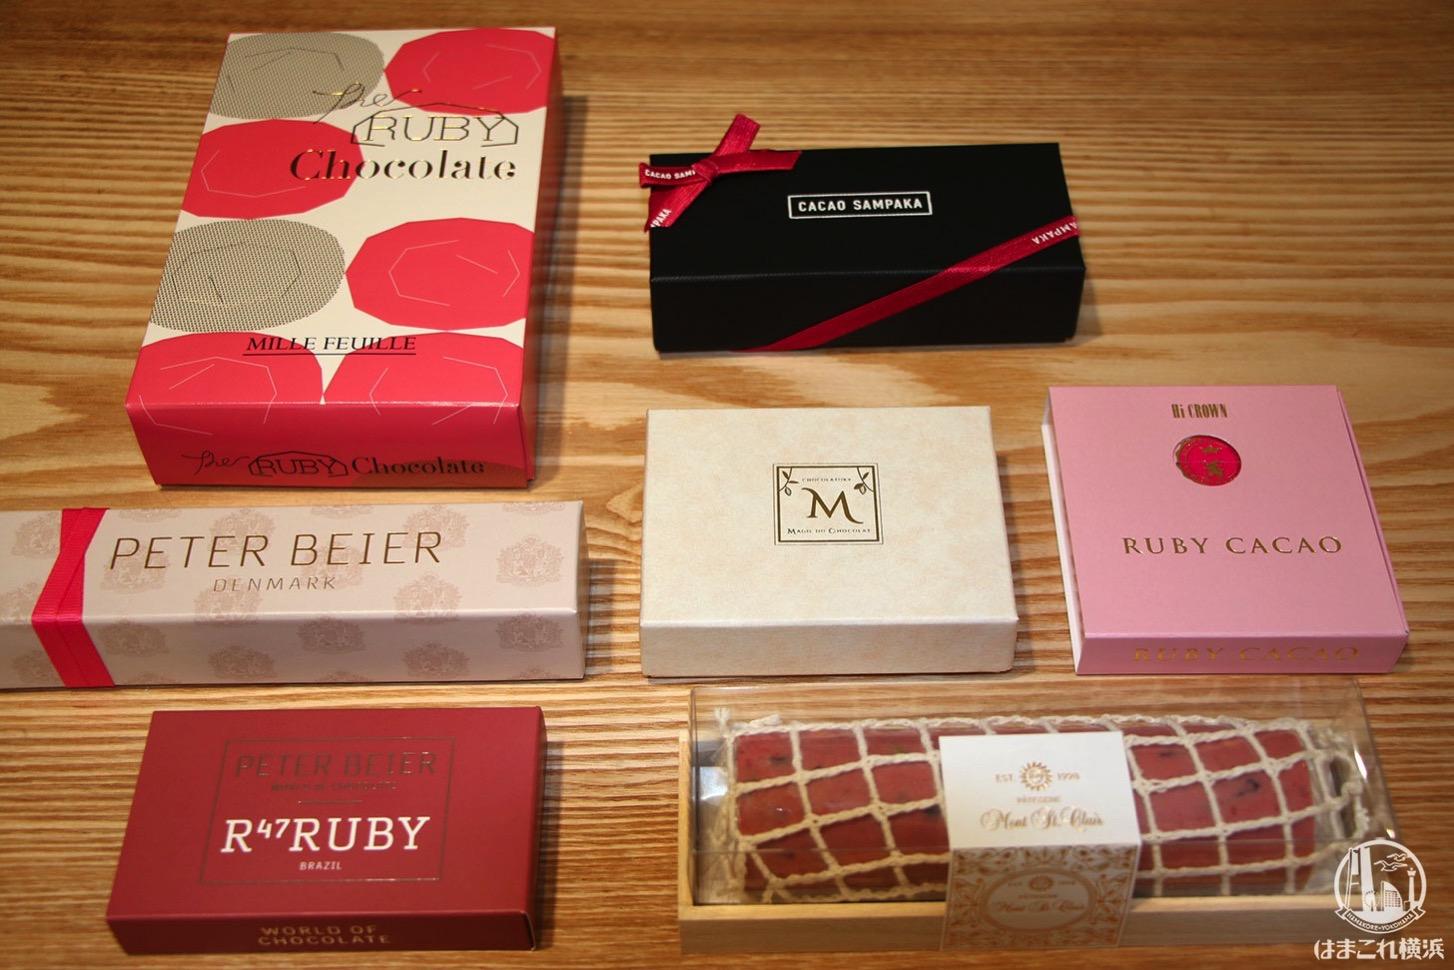 2019年 そごう横浜店「ヨコハマ チョコレート パラダイス」にルビーチョコレート使用の9ブランド